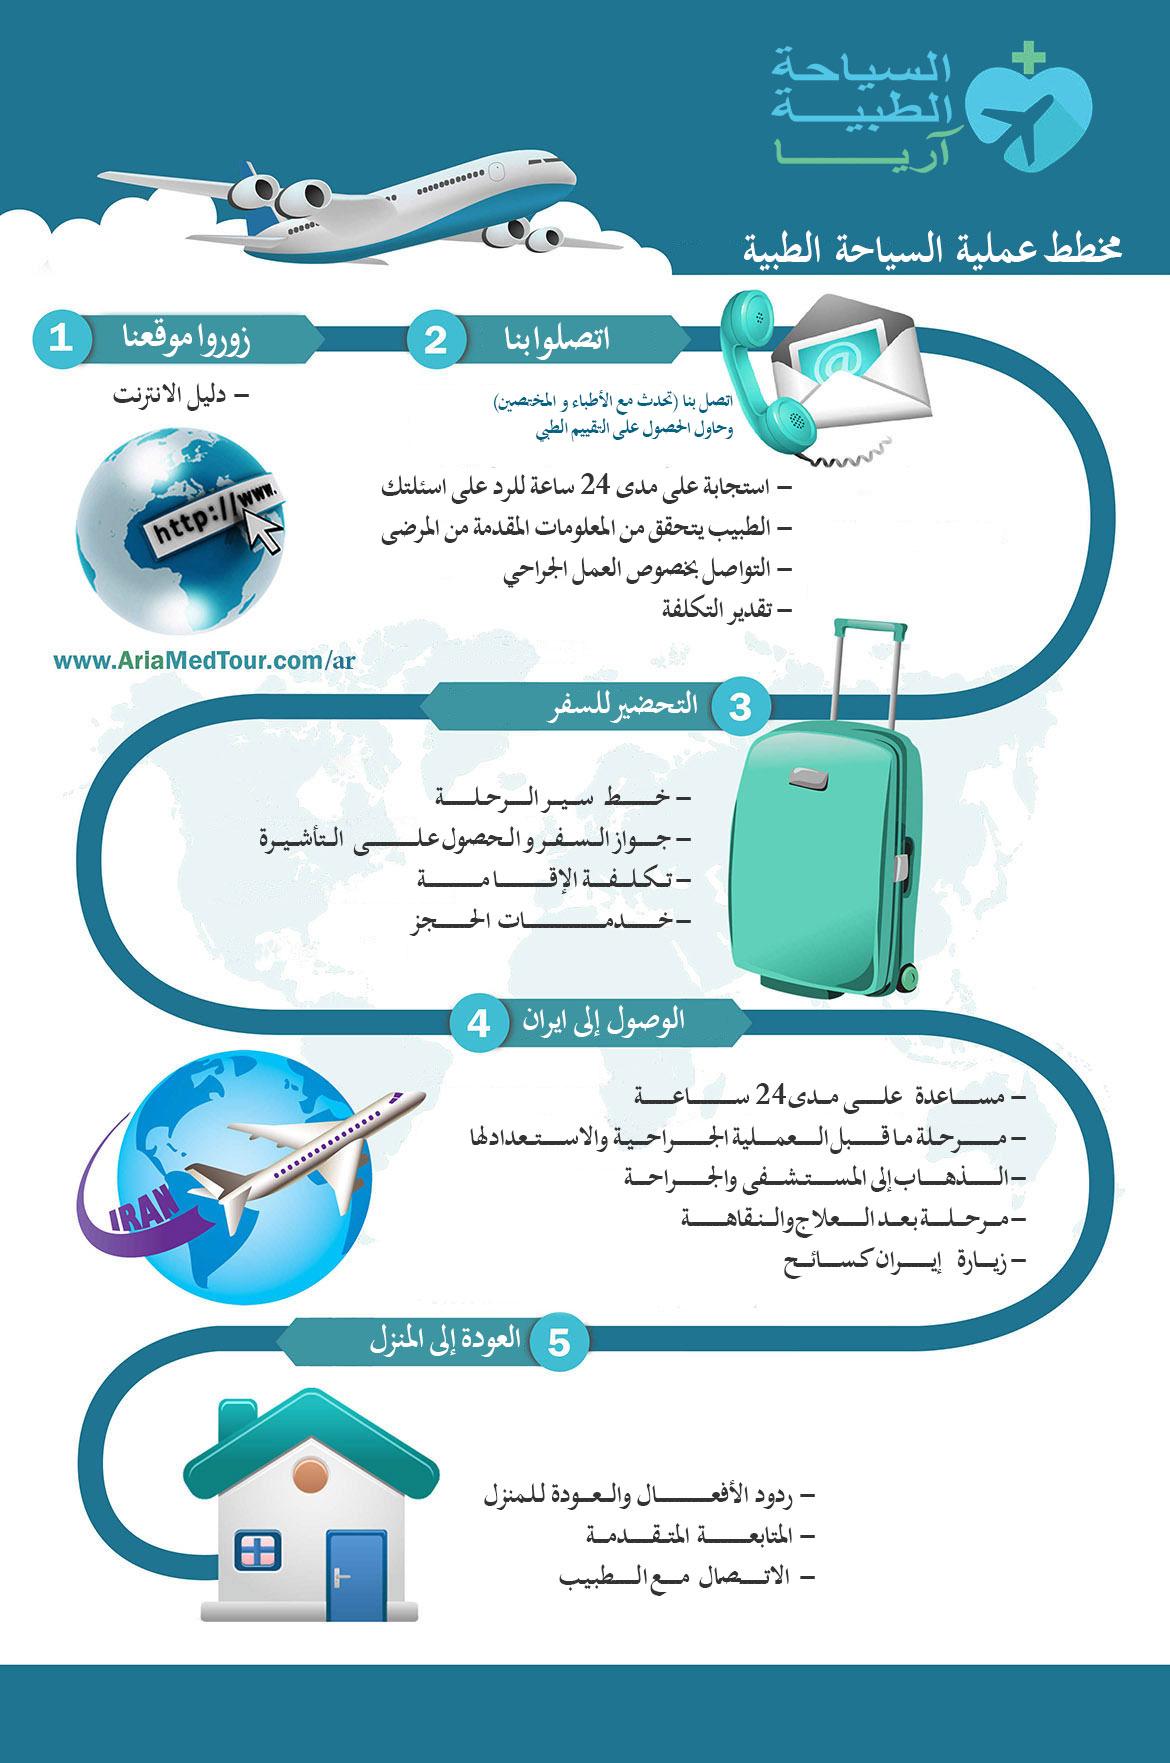 كيفية العلاج في ايران - السياحة العلاجية في ايران